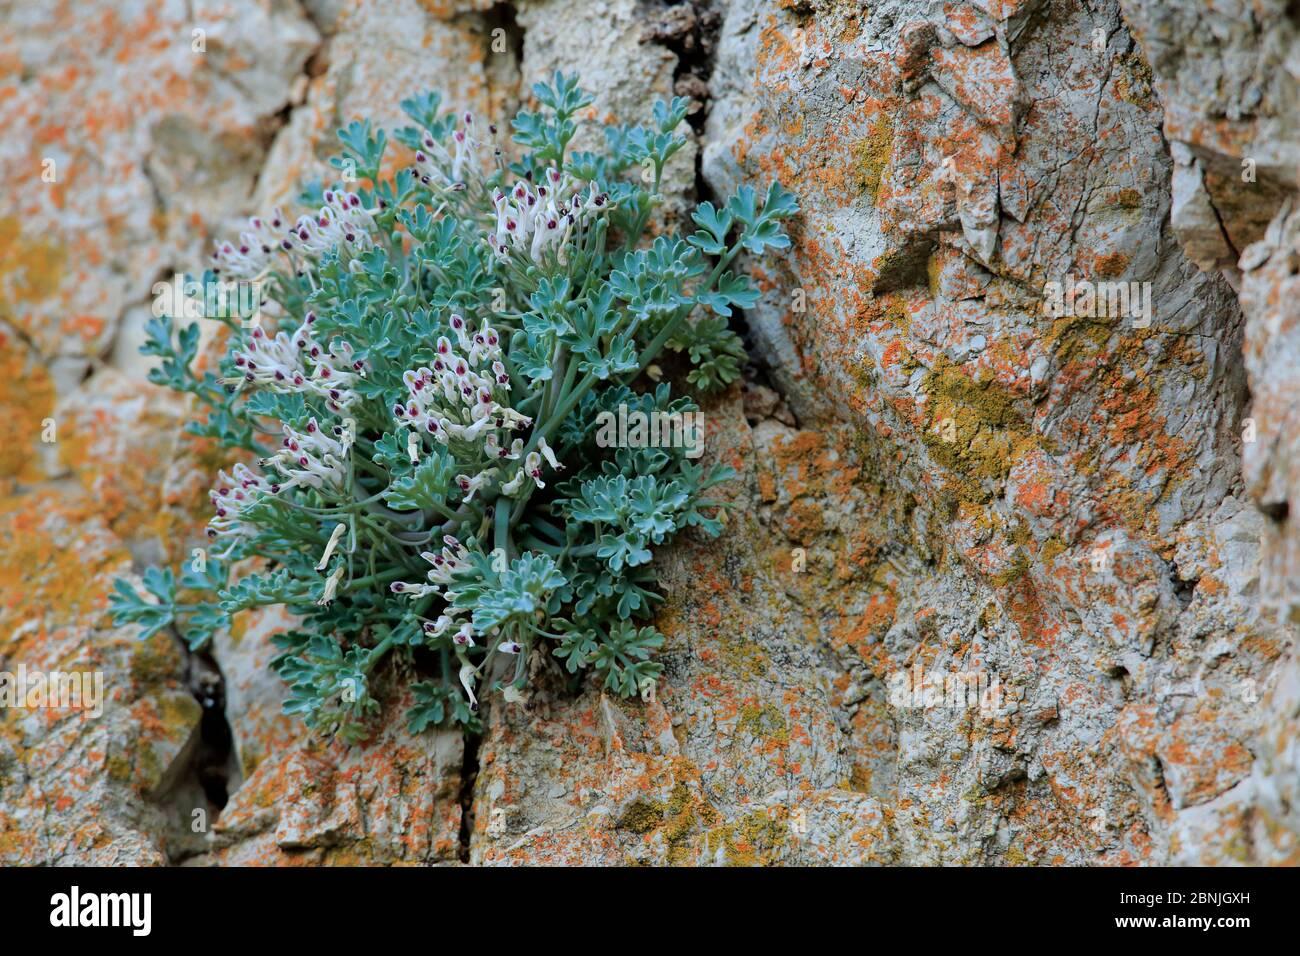 Rupicapnos africana subsp. Decipiens, croissant en roches, Parc naturel de la Sierra de Grazalema, sud de l'Espagne, mai. Espèces en voie de disparition. Banque D'Images